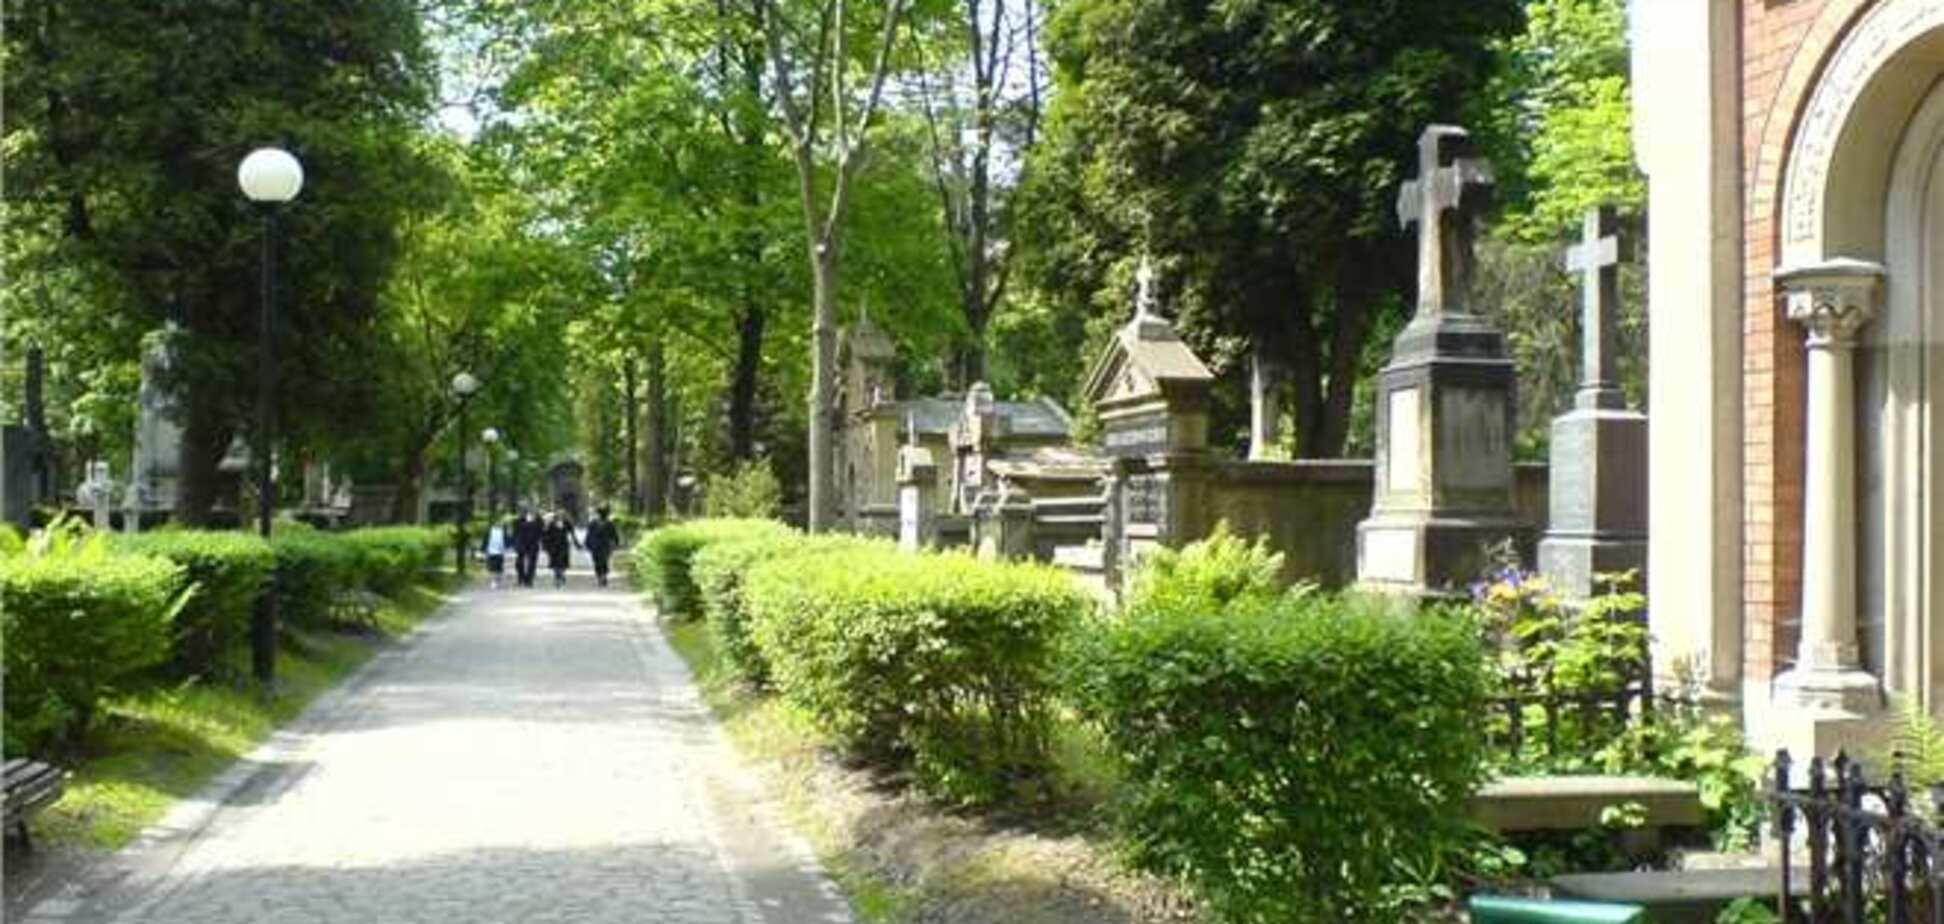 Співробітники швидкої допомоги в Польщі отримали дзвінок з гробу